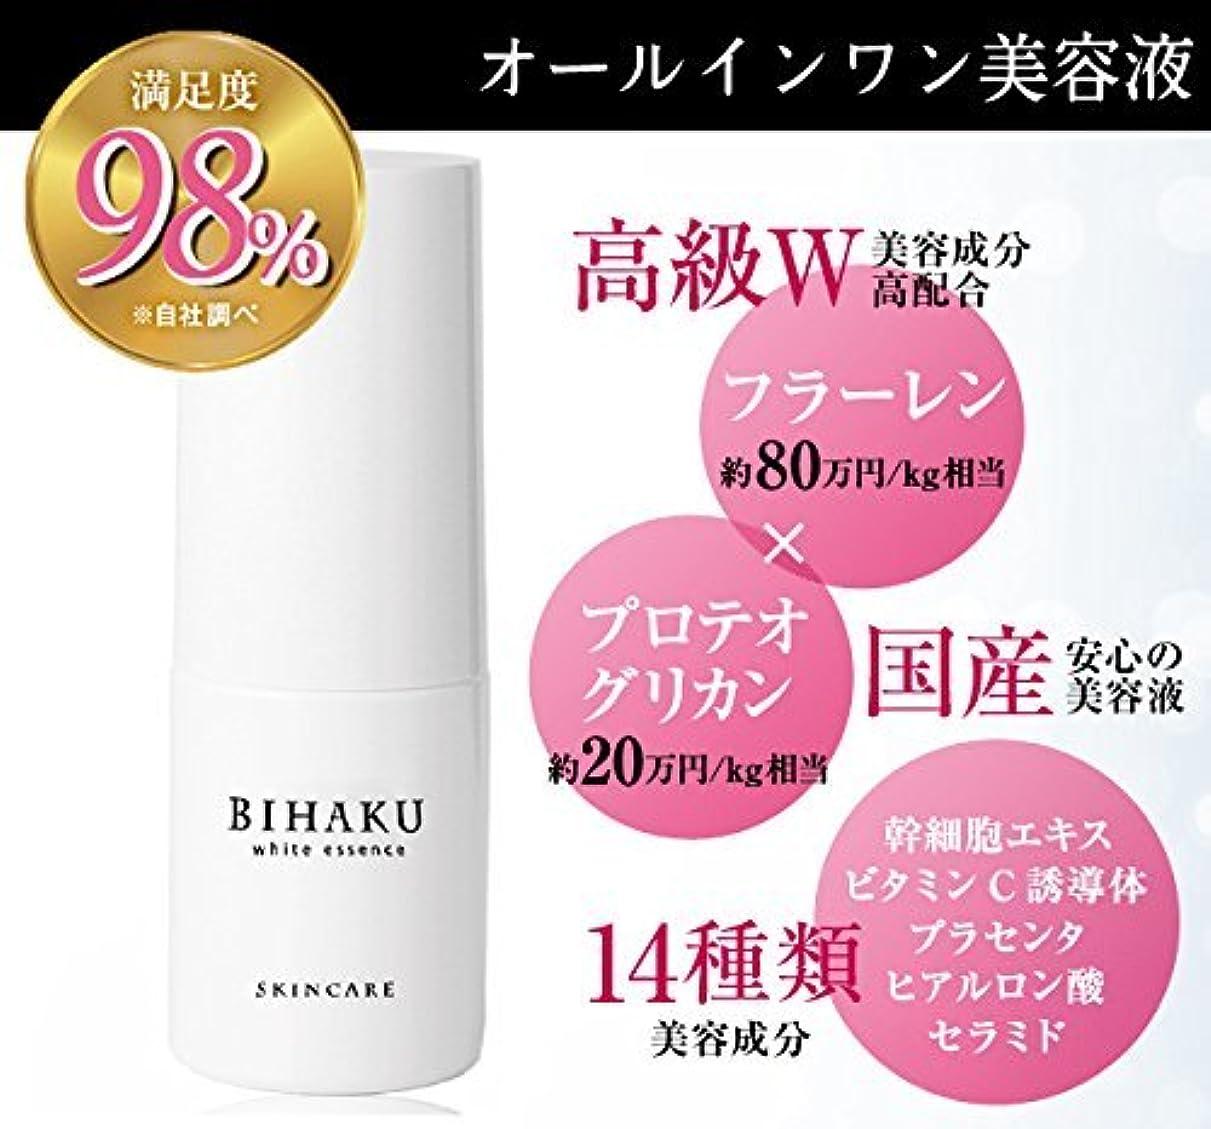 修正家事トレーニング-BIHAKU- オールインワン美容液